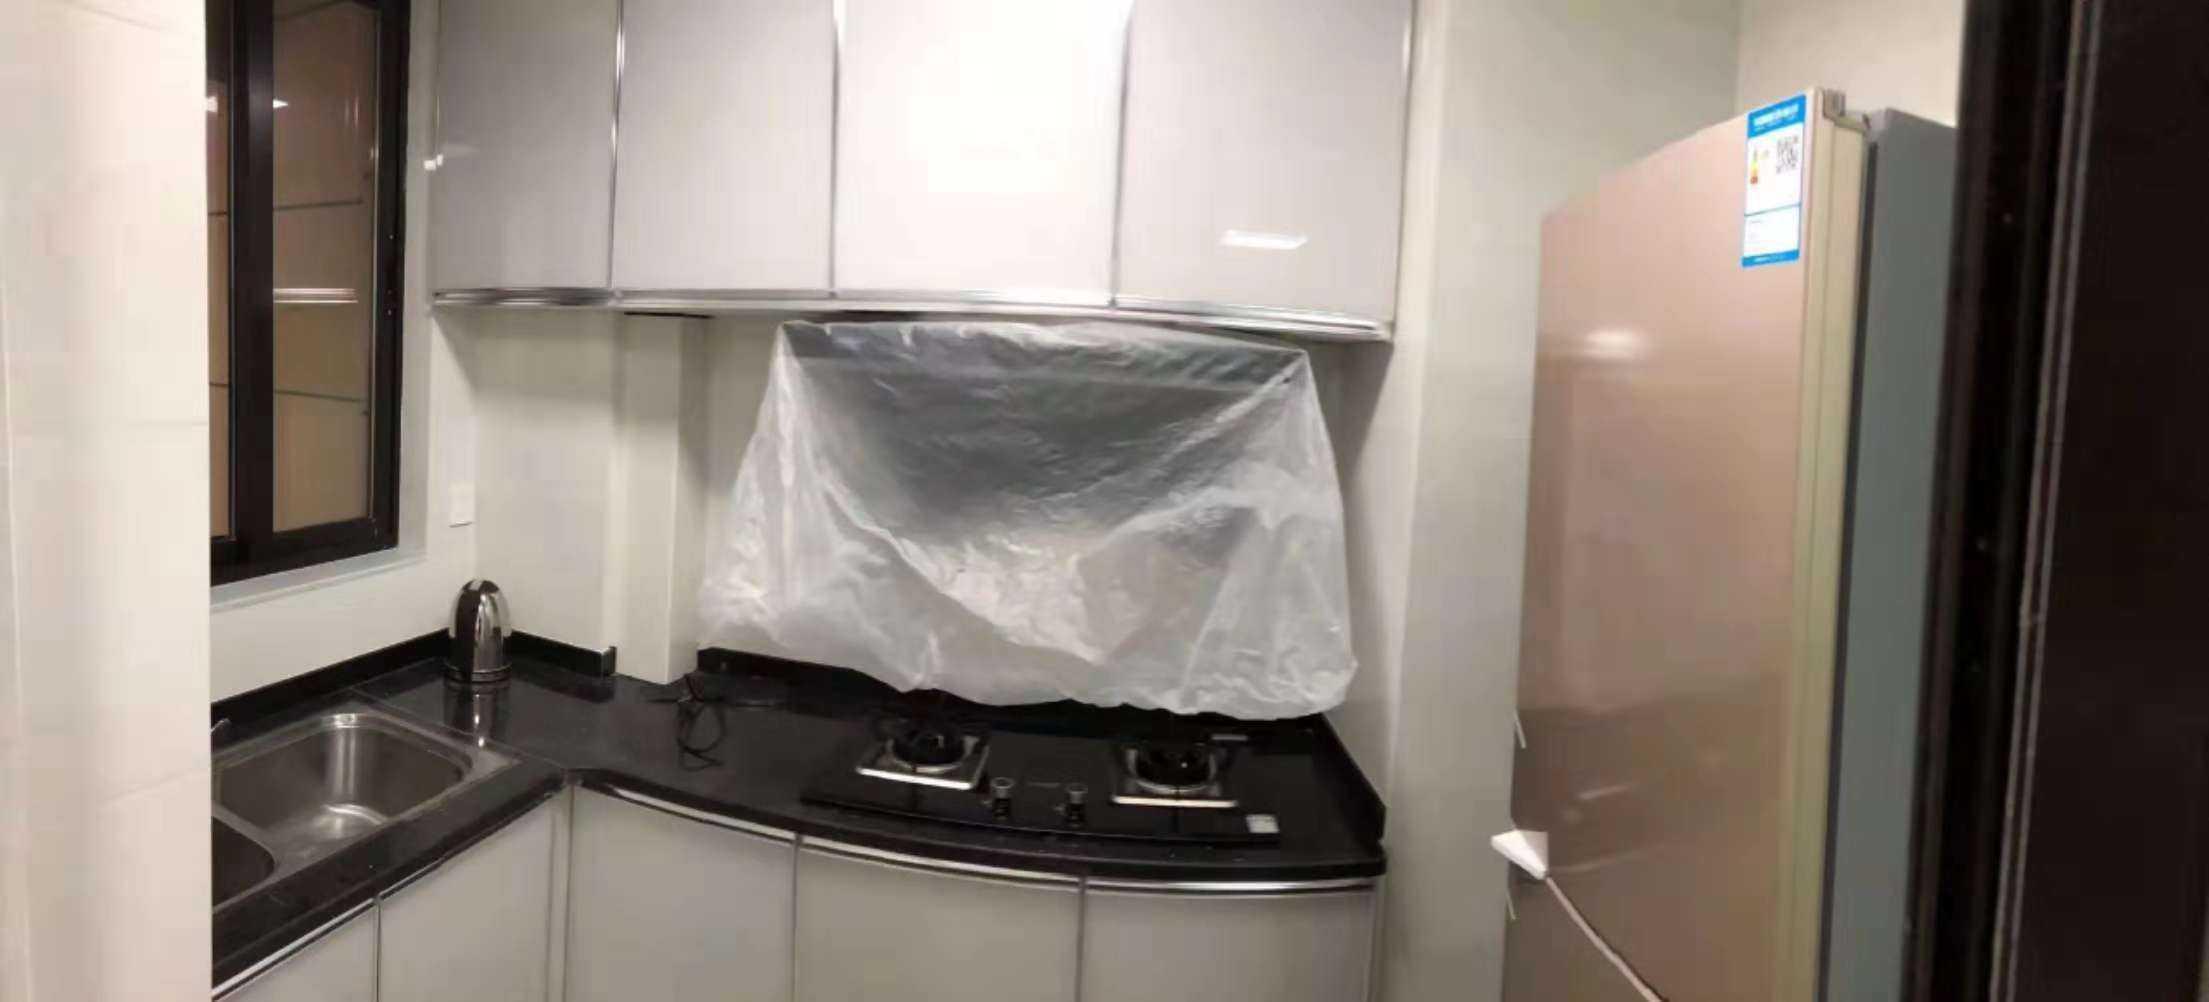 112611出租城南房源 吾悦华府租房 首次出租,新房,设备齐全,有直立空调。的实拍照片